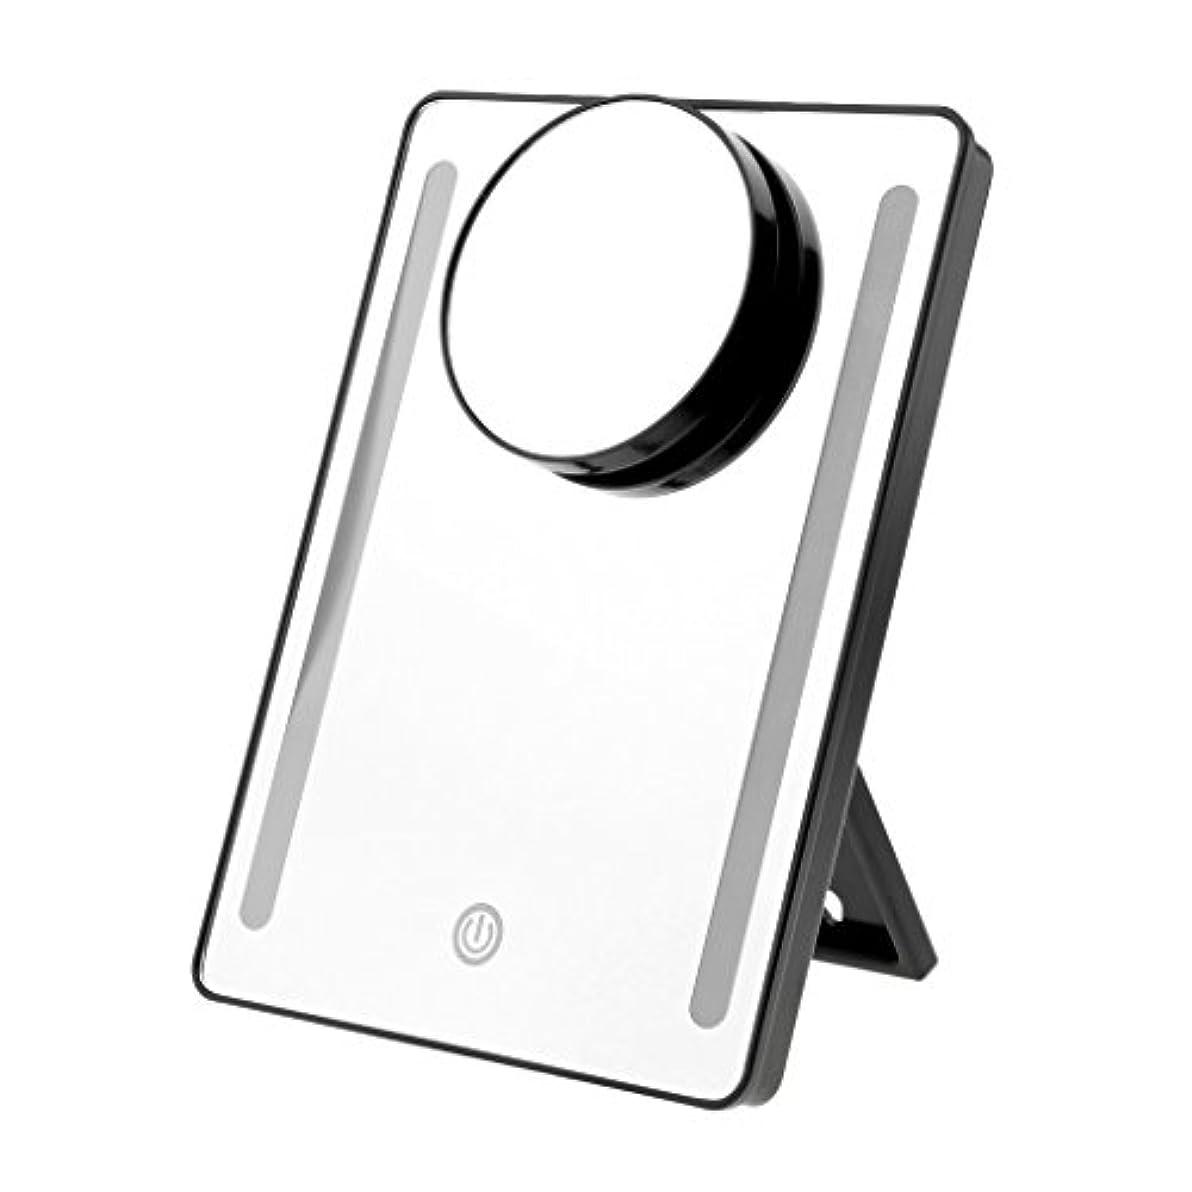 駐地同等のオークランドメイクアップミラー LEDタッチライト USB充電/電池 両方対応可 メイクアップ 化粧ミラー 10x拡大鏡 拡大ミラー 2色選べる - ブラック, 説明したように